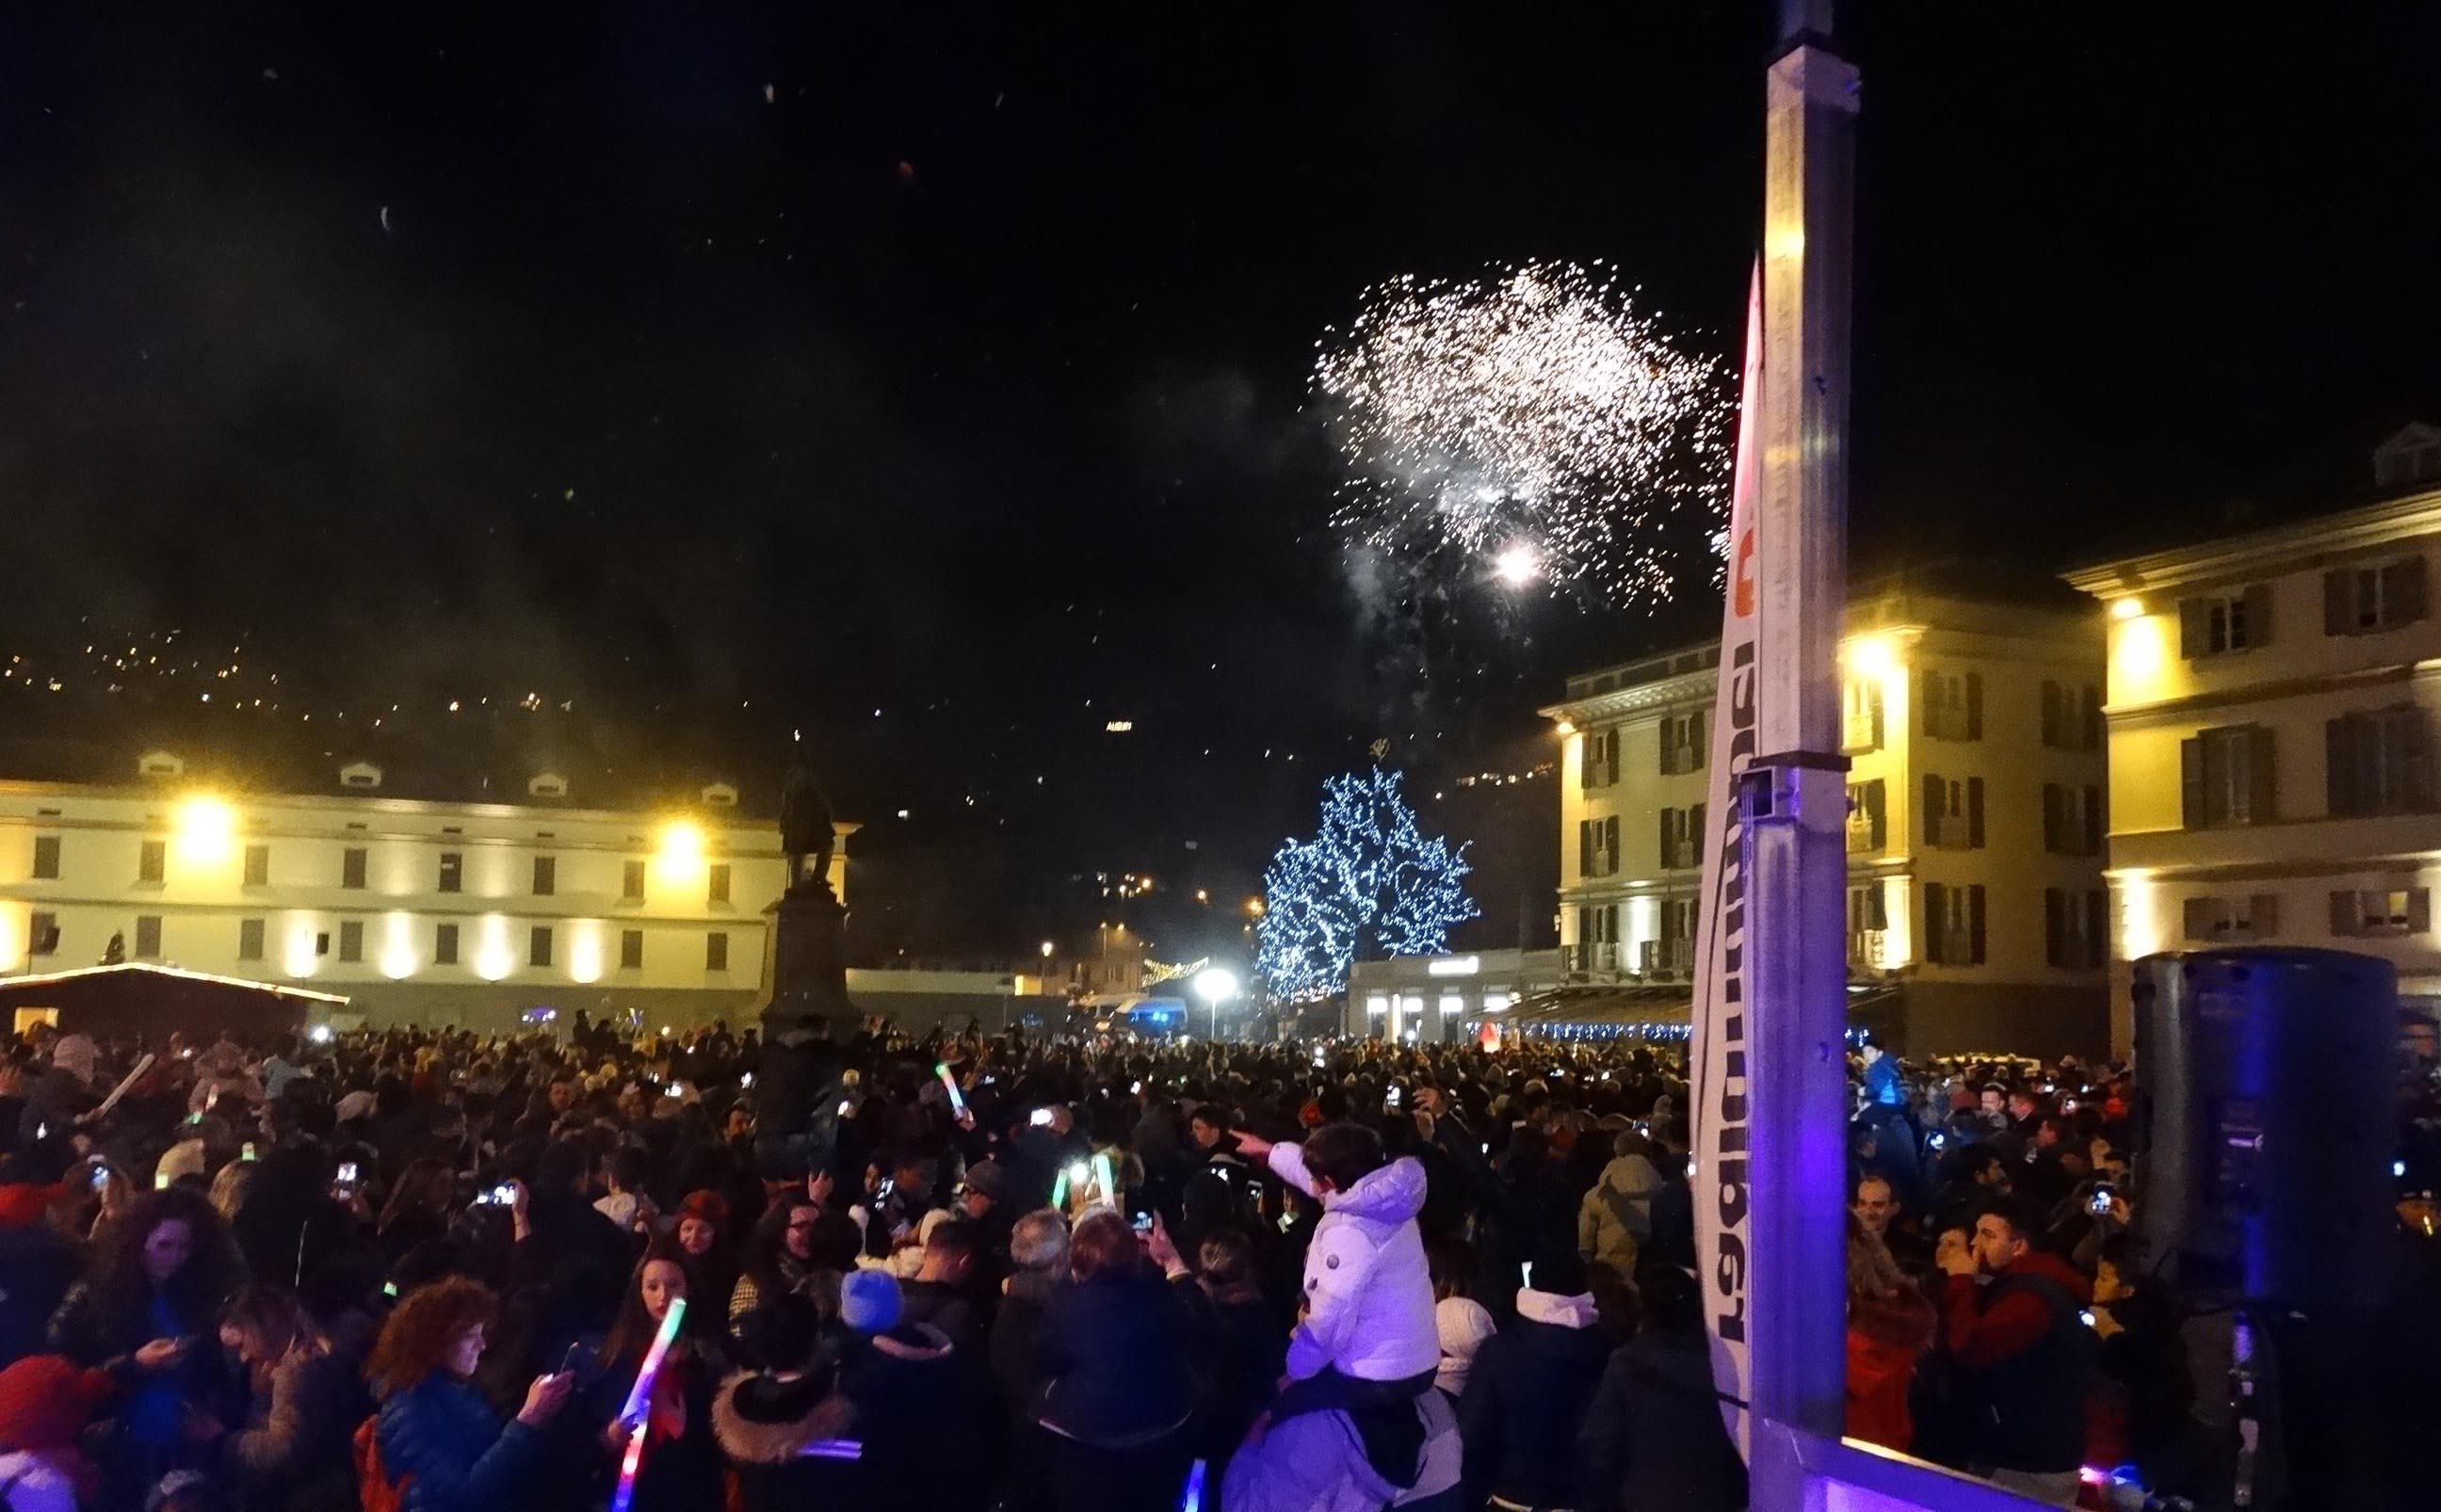 Capodanno a Sondrio | 31 dicembre 2018